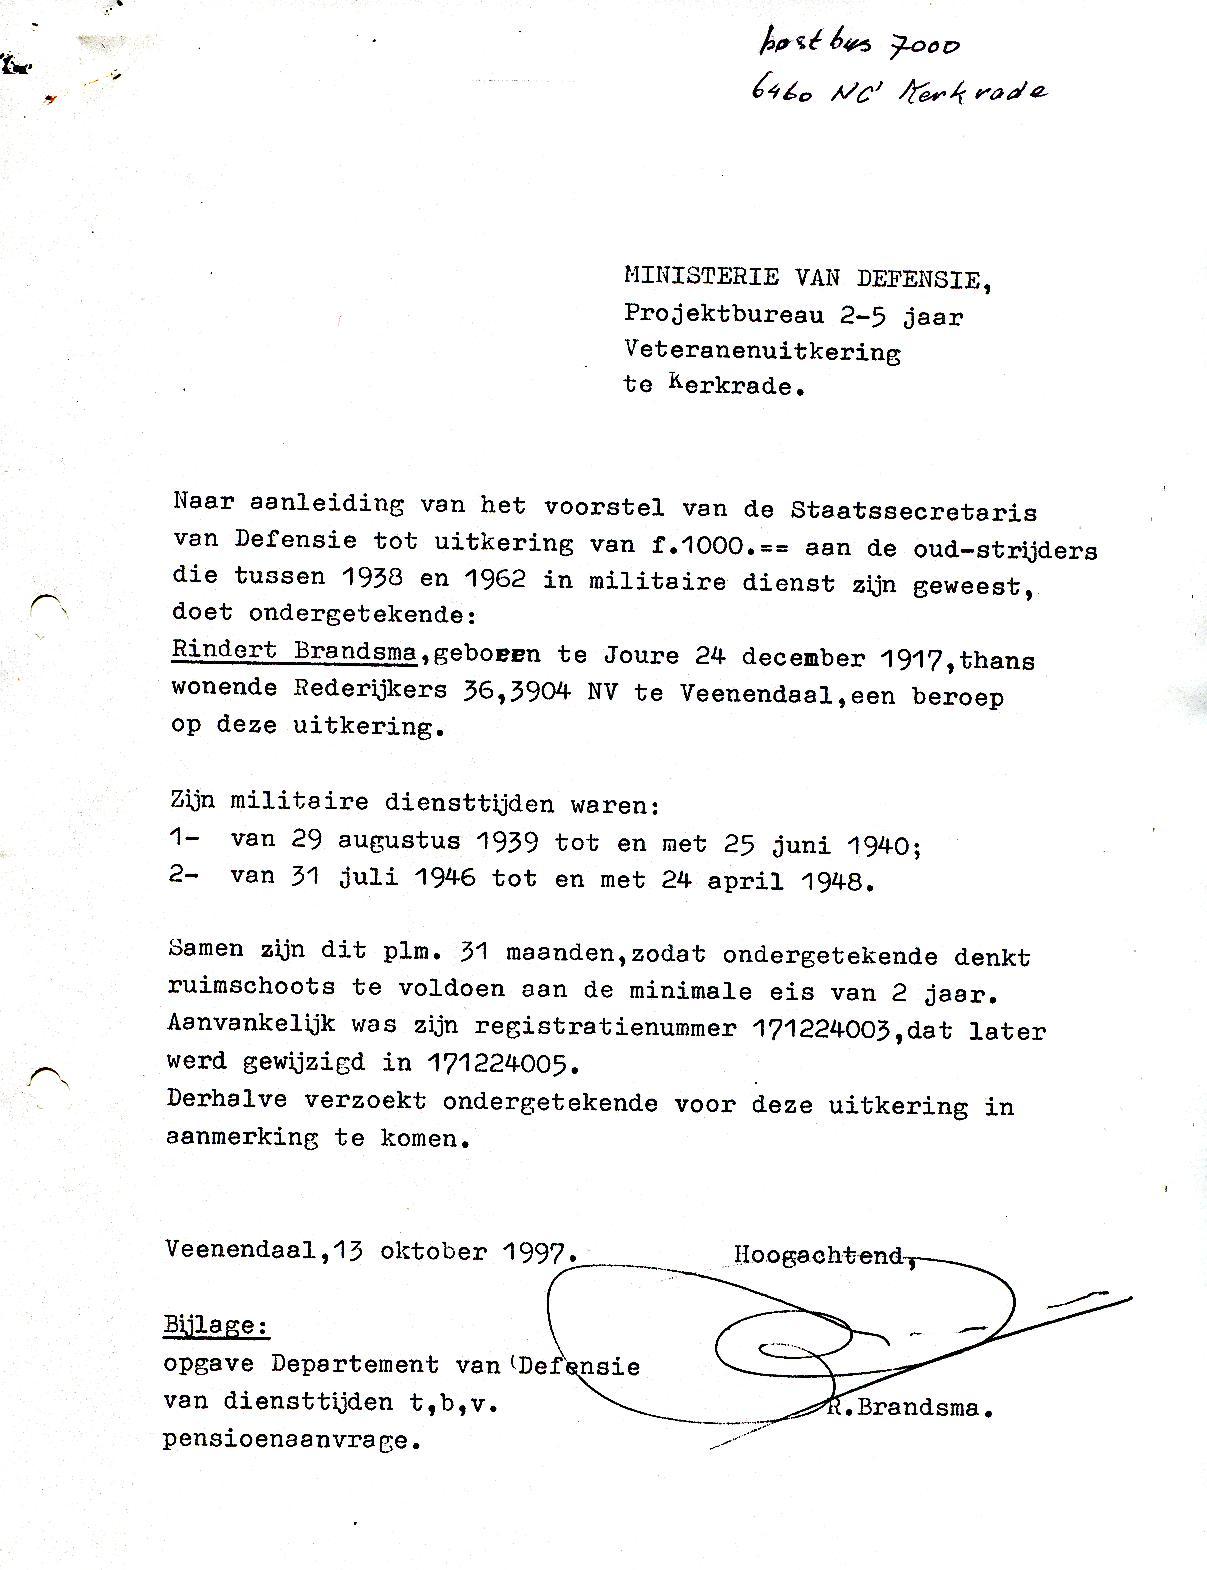 voorbeeldbrief aanvraag Brief aanvraag veteranenuitkering (1997) | Familie Brandsma voorbeeldbrief aanvraag